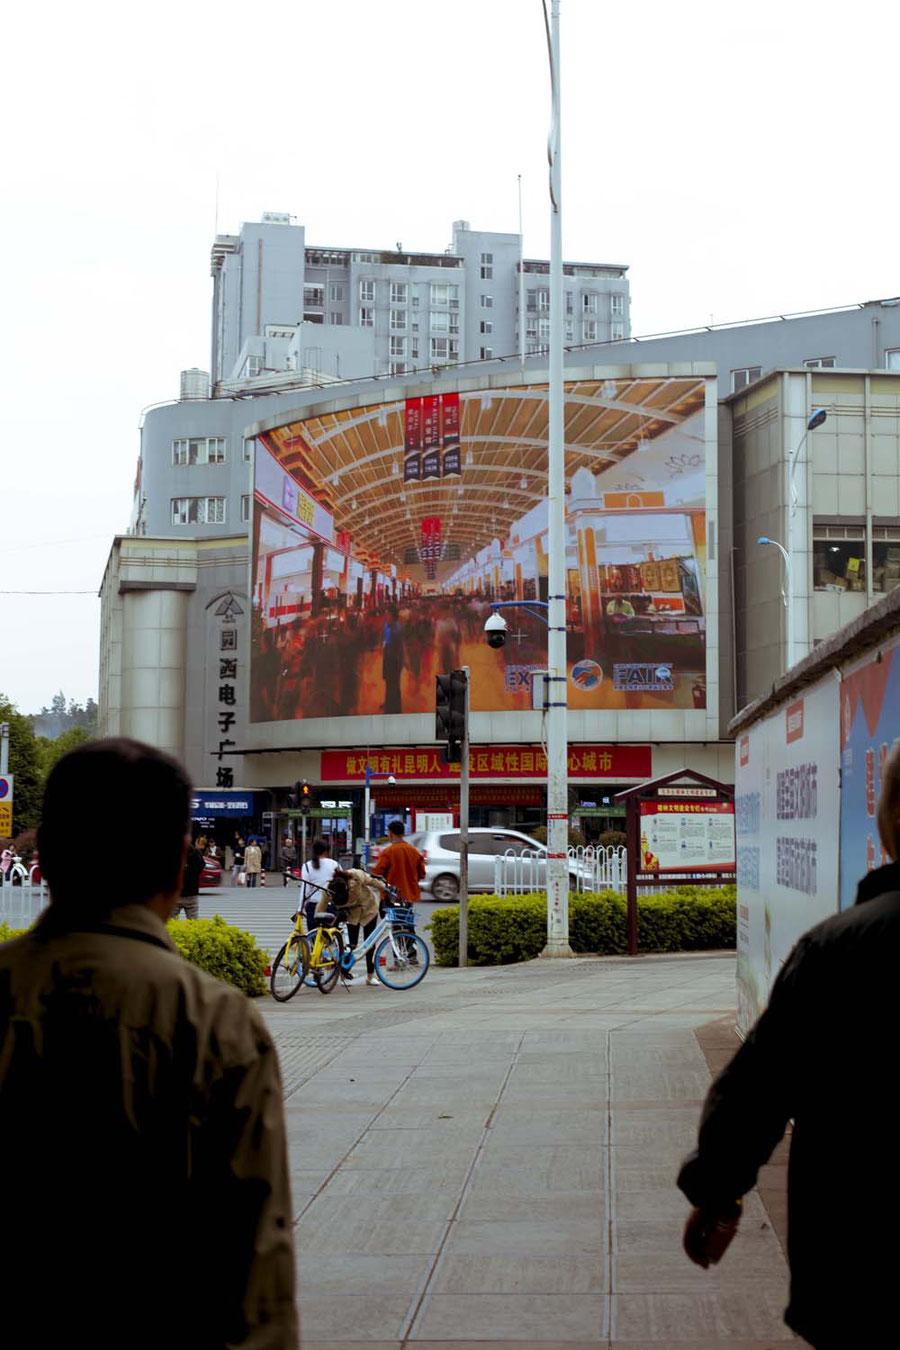 Die stereotyp-verrückten Kreuzungen und Werbebanner, Kunming, China